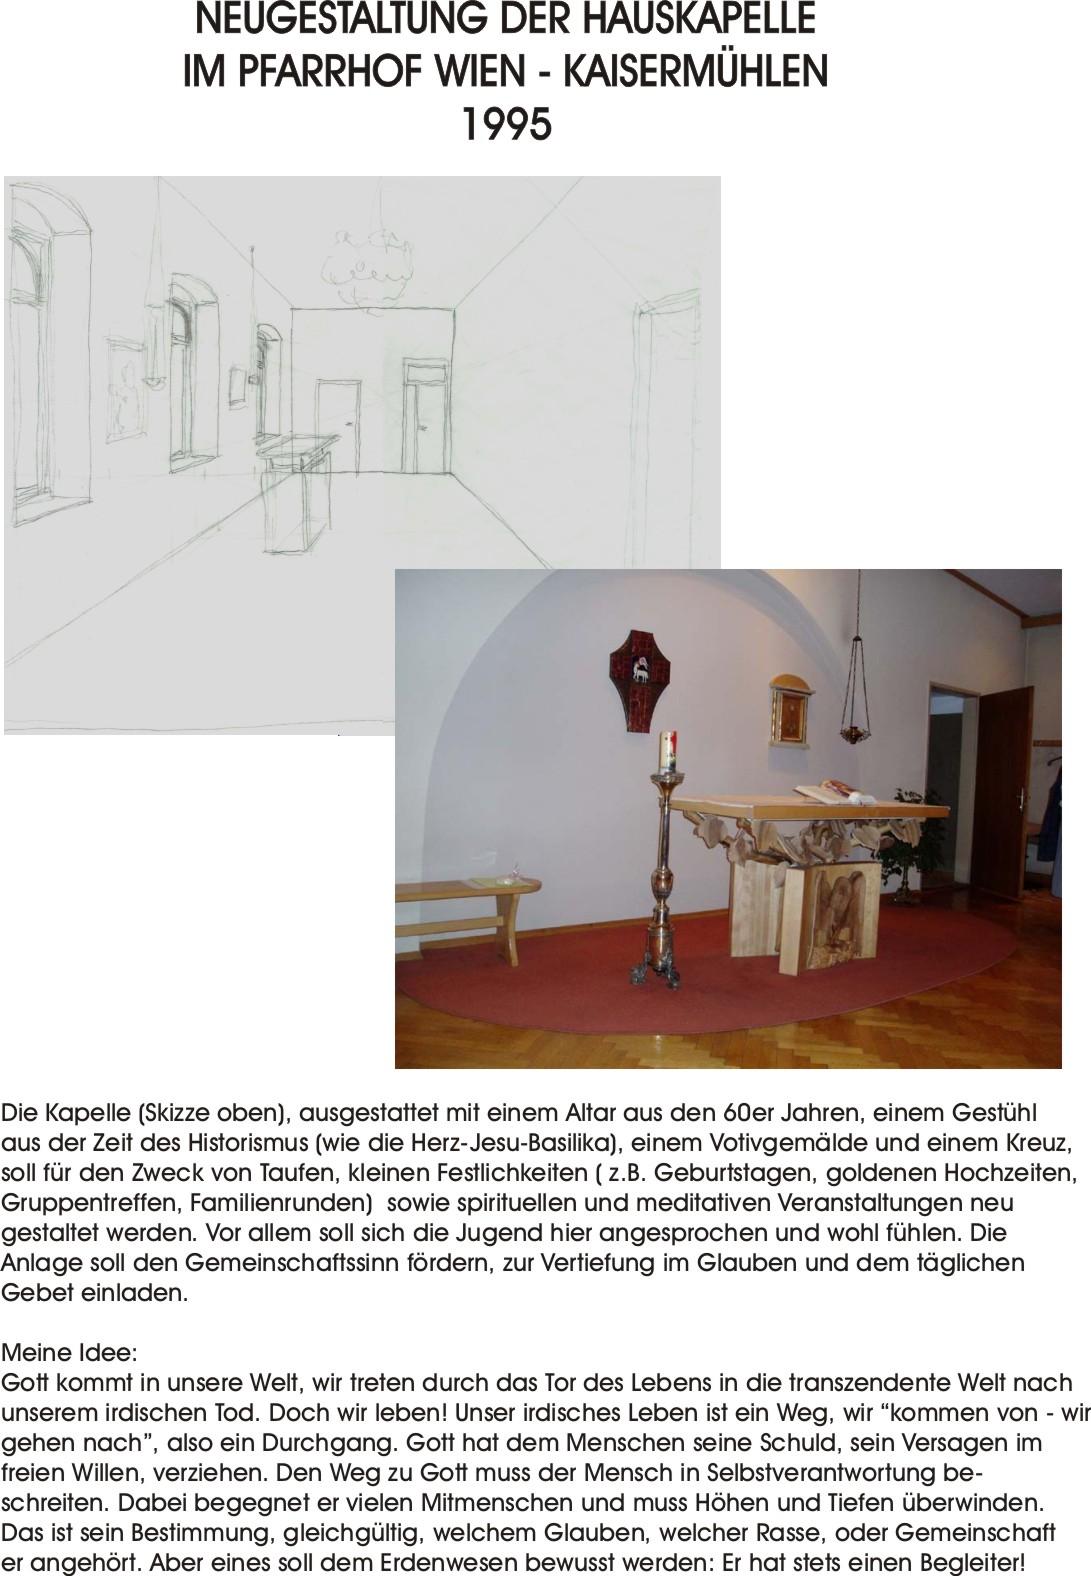 Kapelle - Auftrag und Umbau mit fremdem Altar